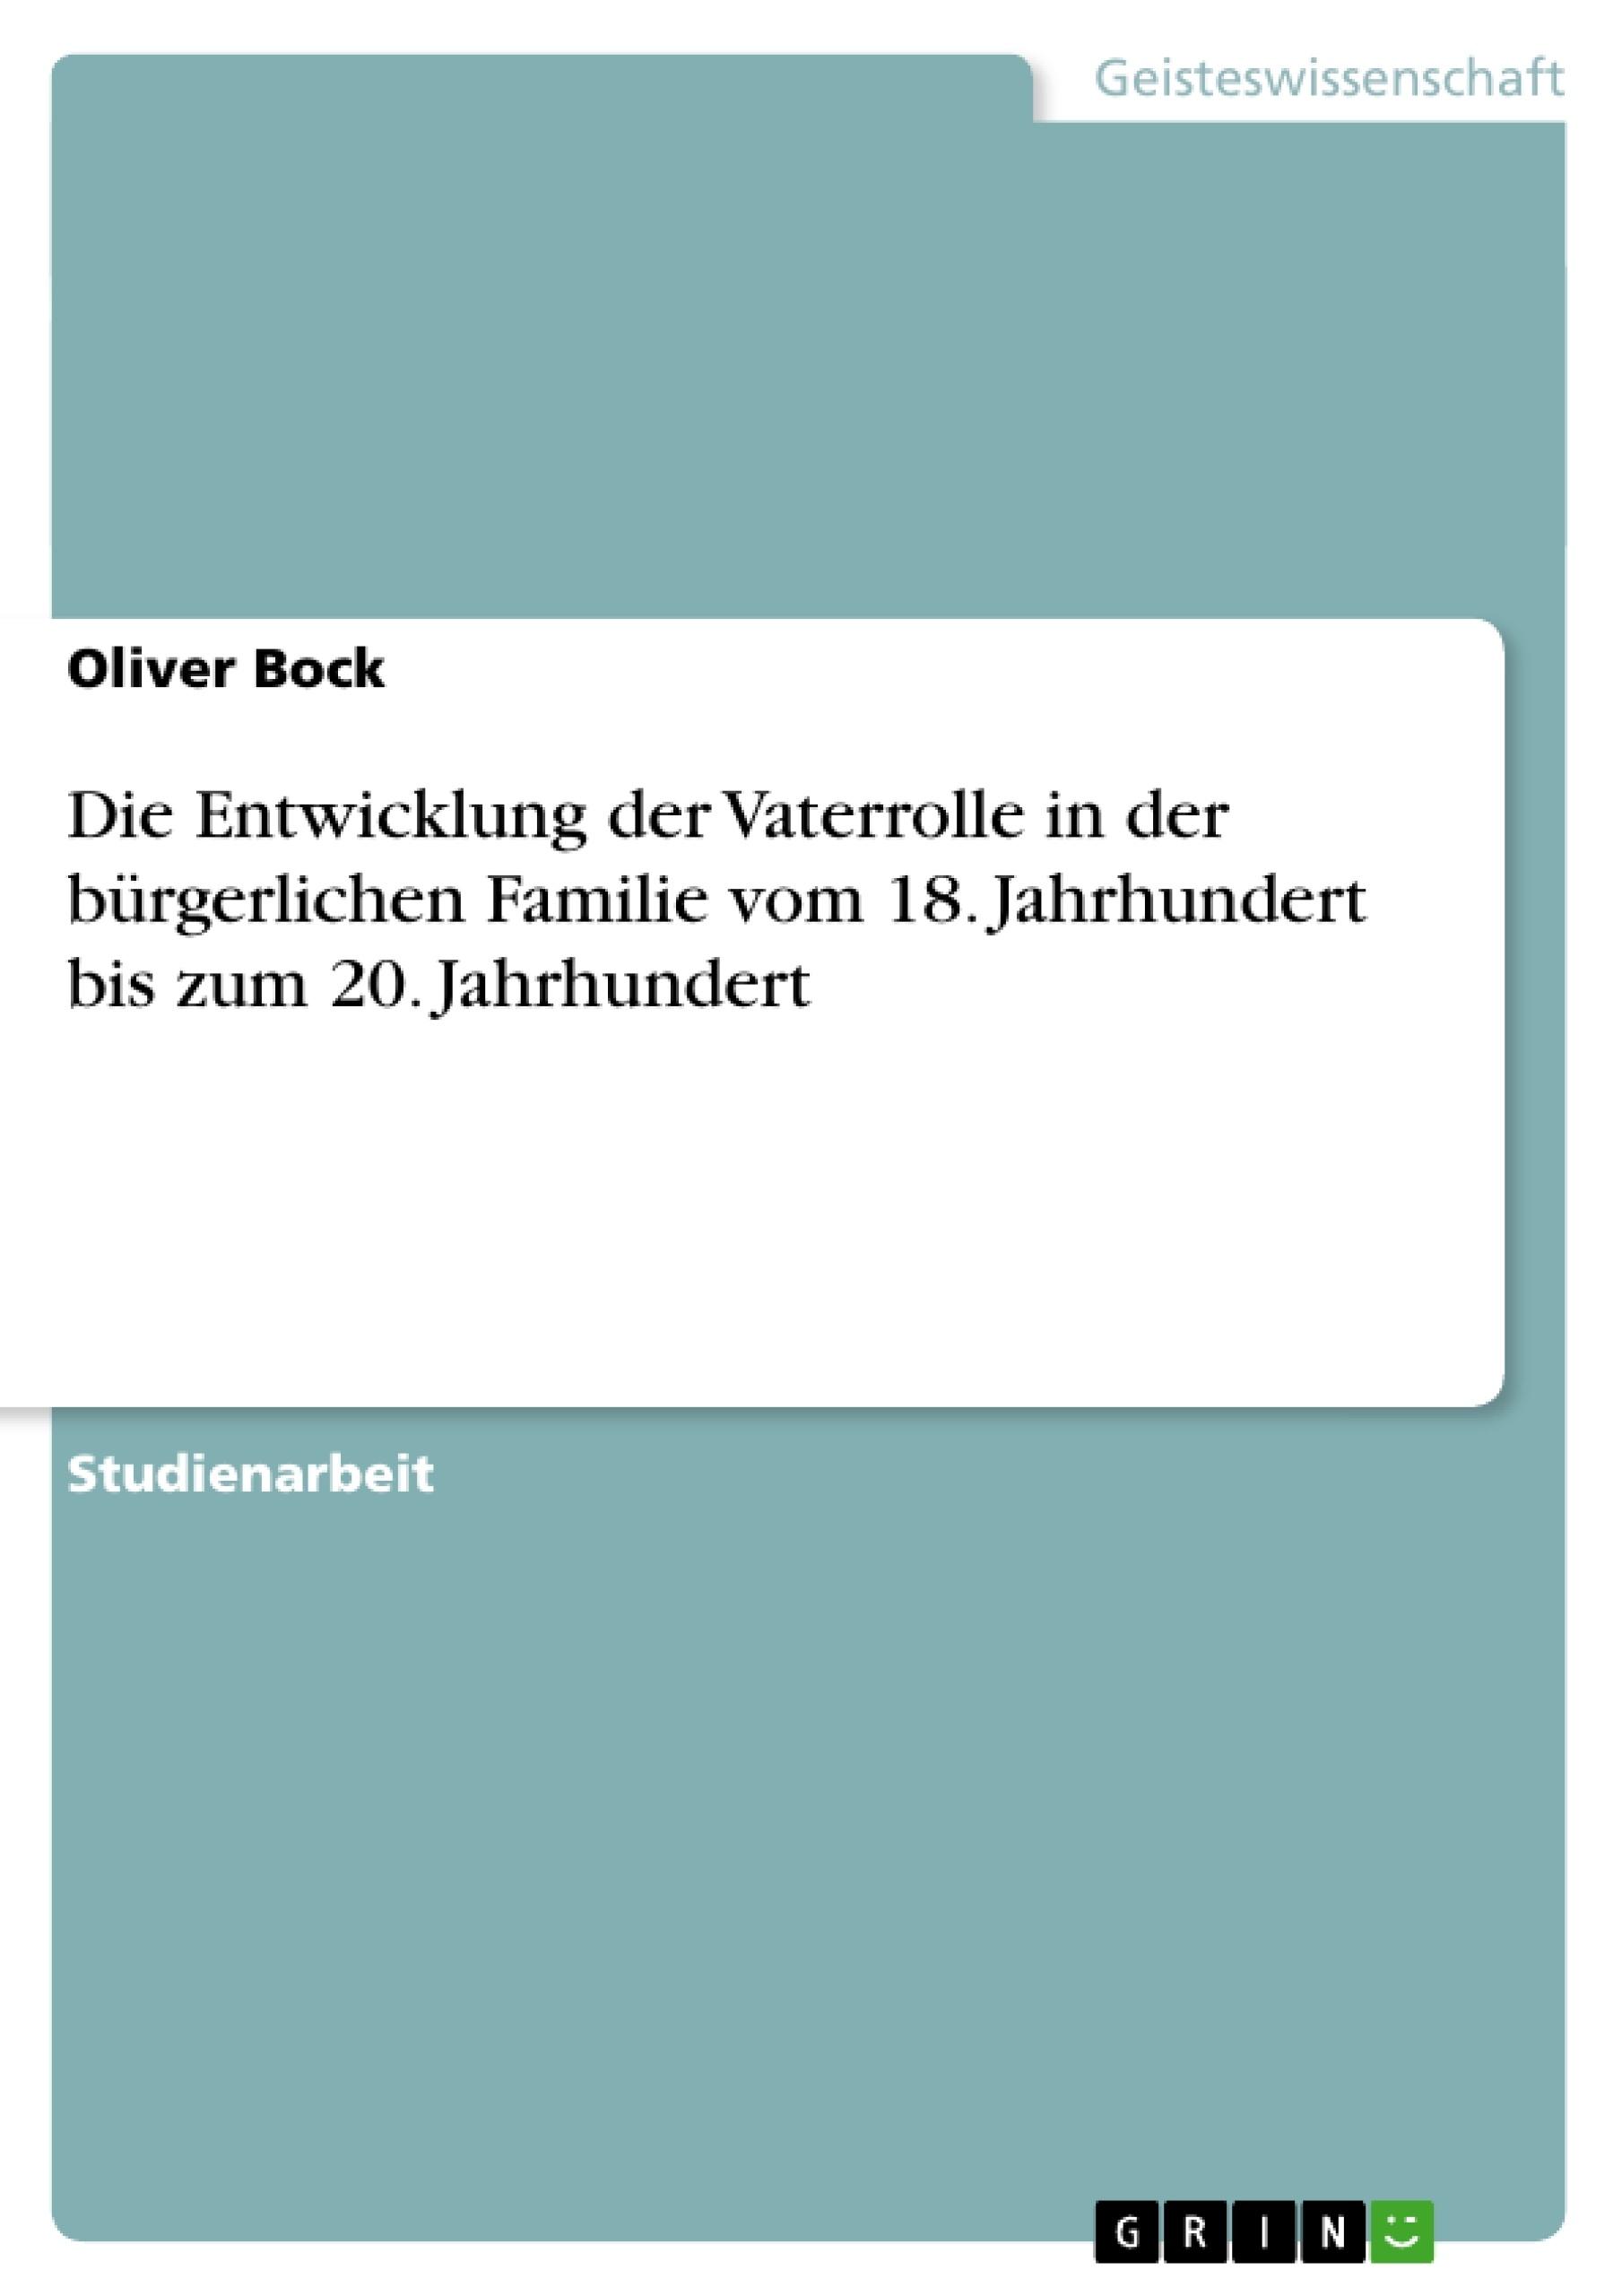 Titel: Die Entwicklung der Vaterrolle in der bürgerlichen Familie vom 18. Jahrhundert bis zum 20. Jahrhundert